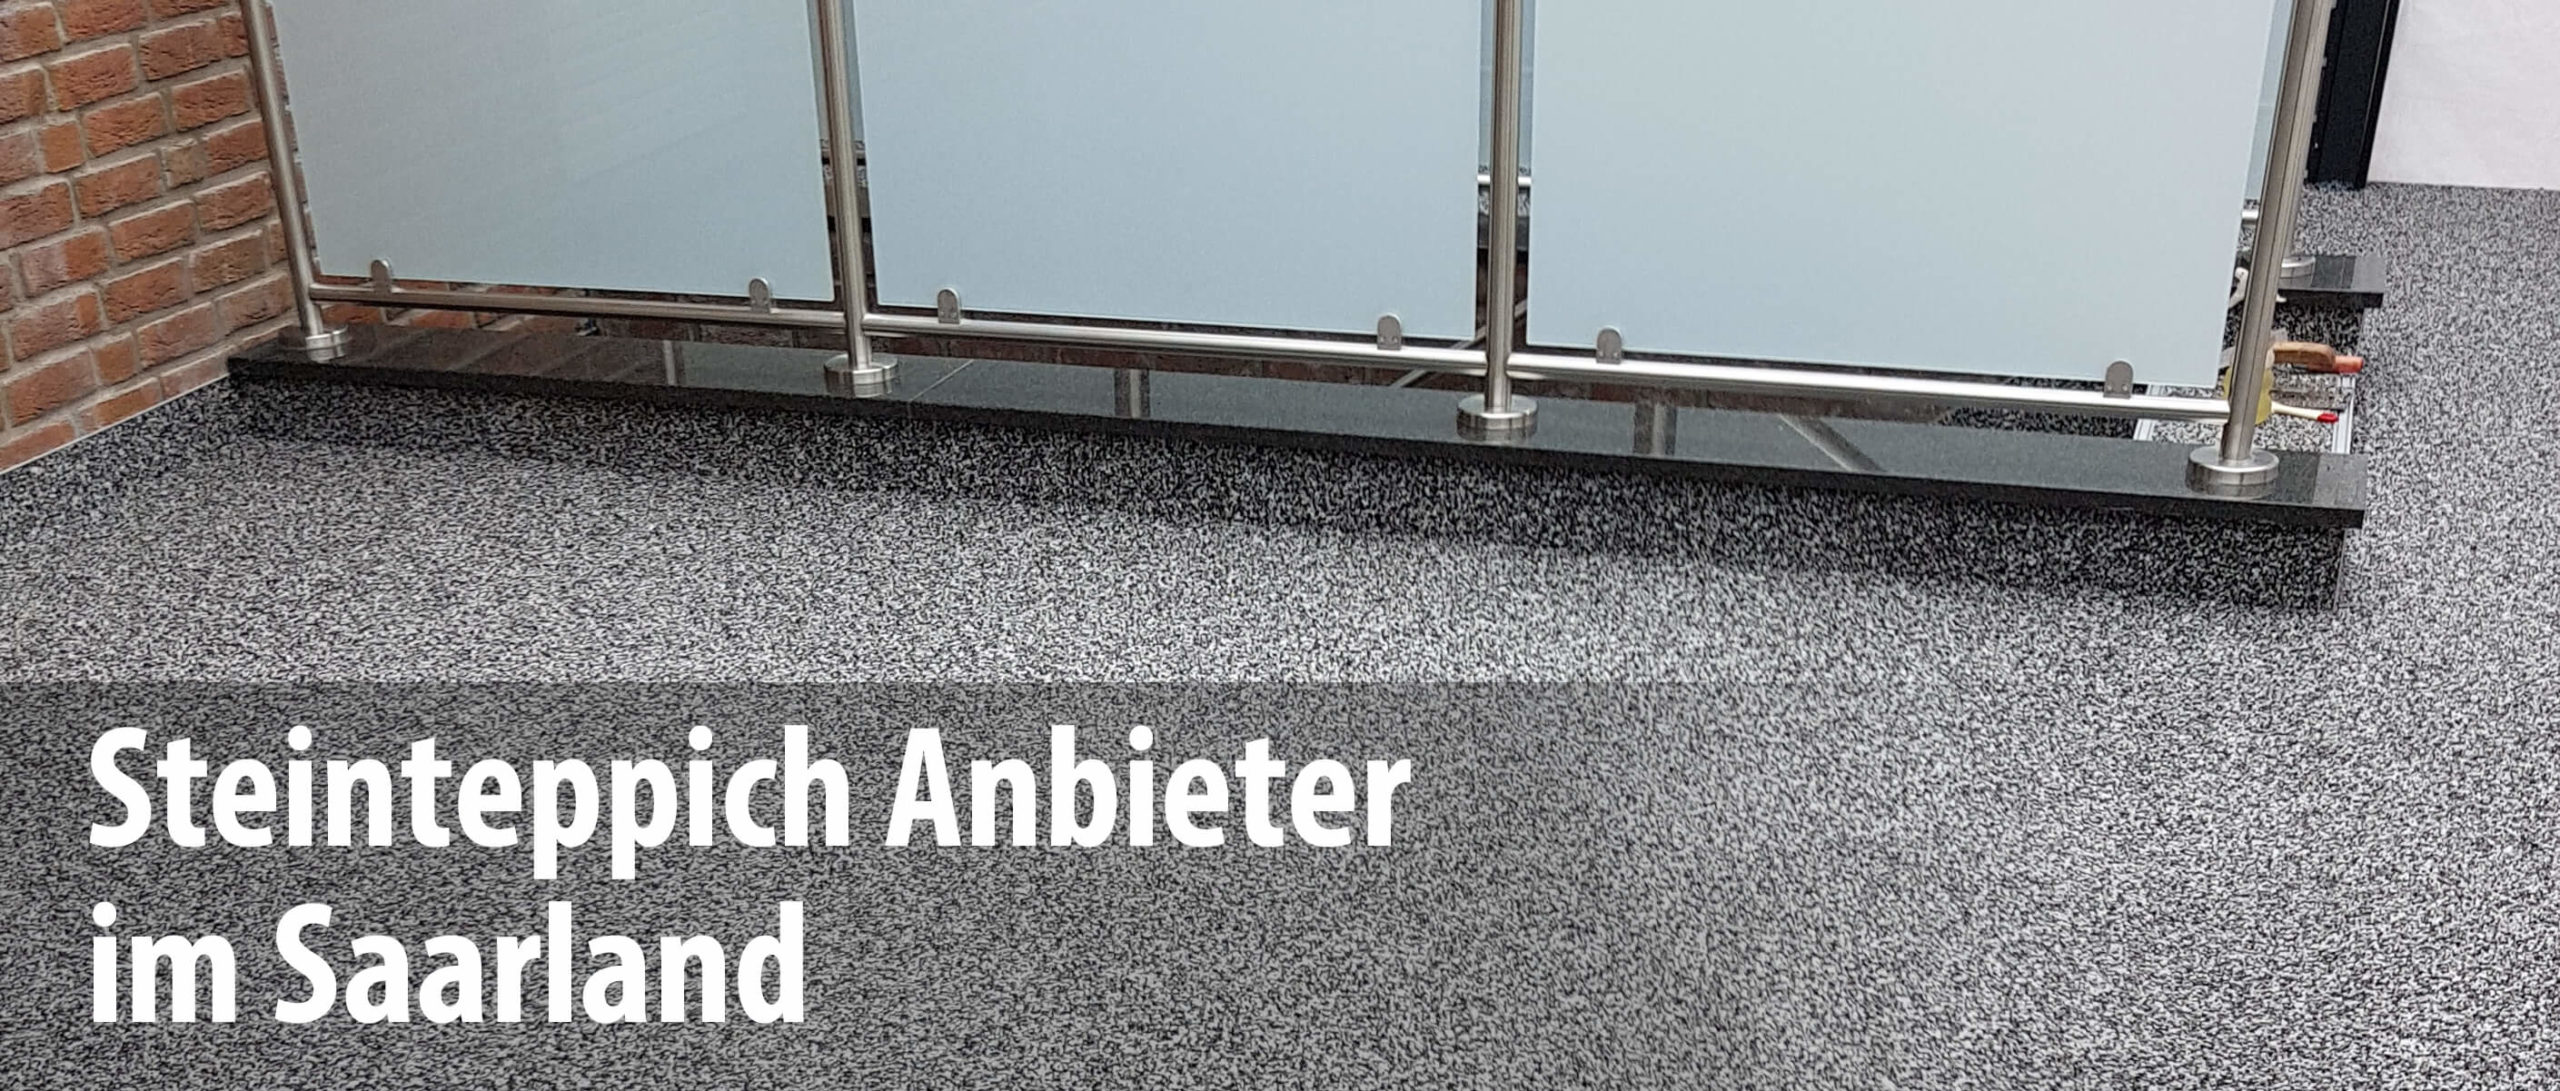 Wir arbeiten mit Steinteppich-Anbietern im Saarland zusammen und bieten mit unseren Partnern die professionelle Sanierung und Abdichtung von Balkonen und Terrassen.